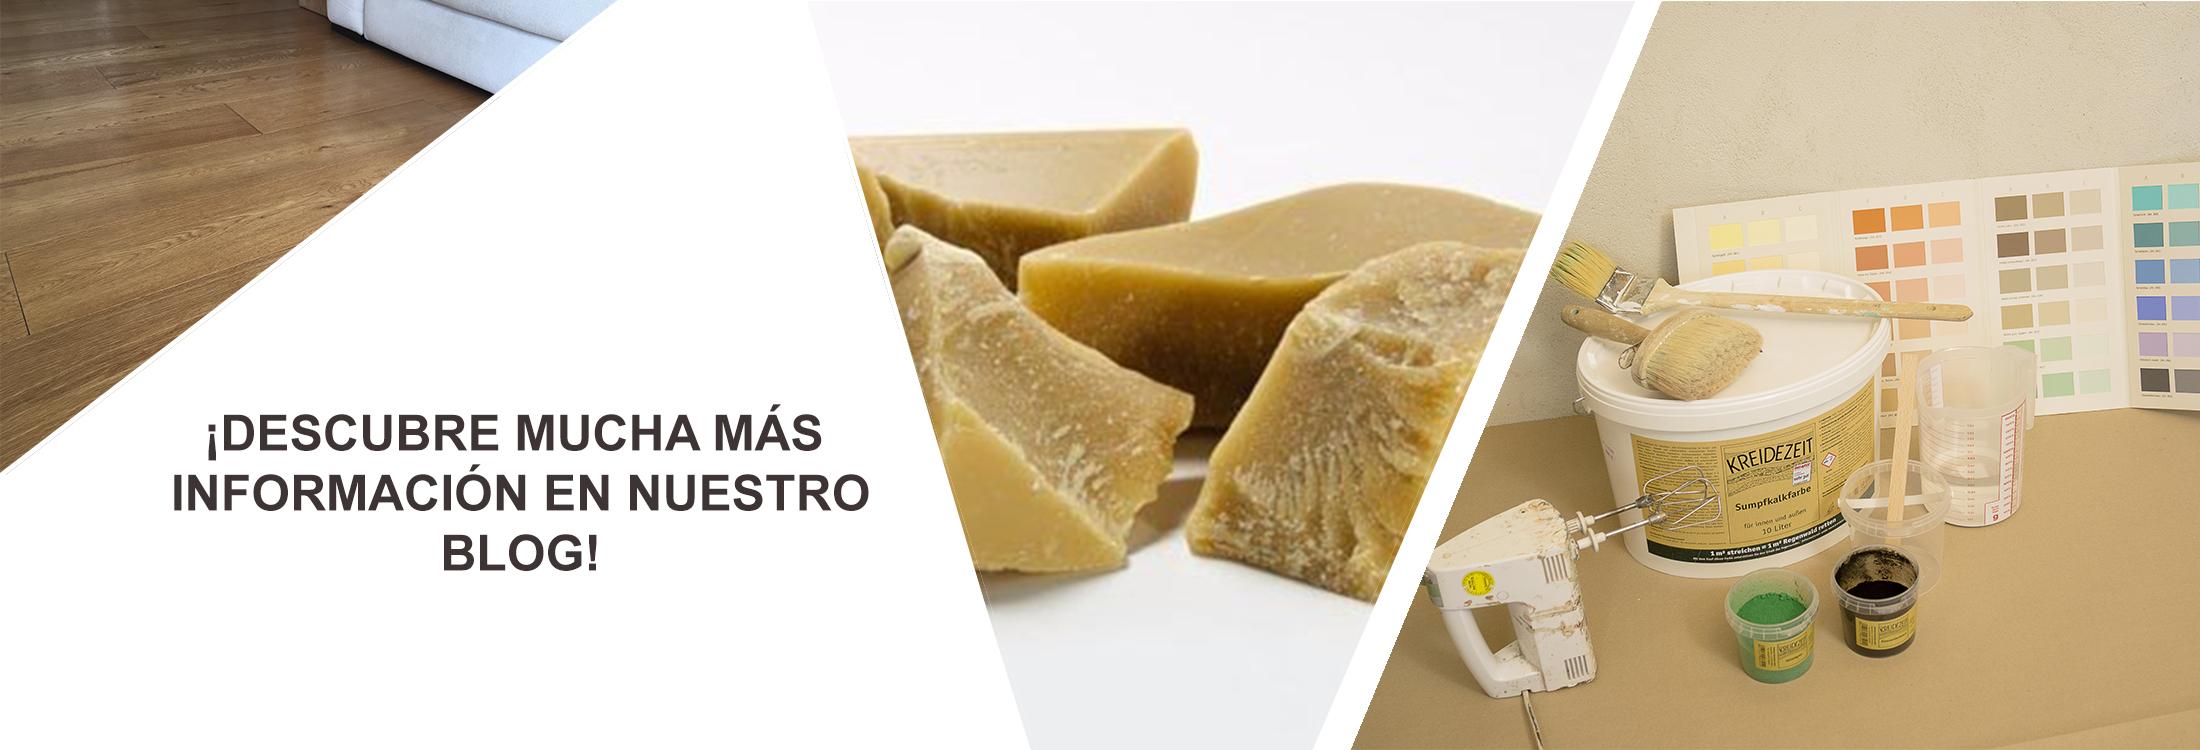 promocion slide 100x100 bioconstruccion